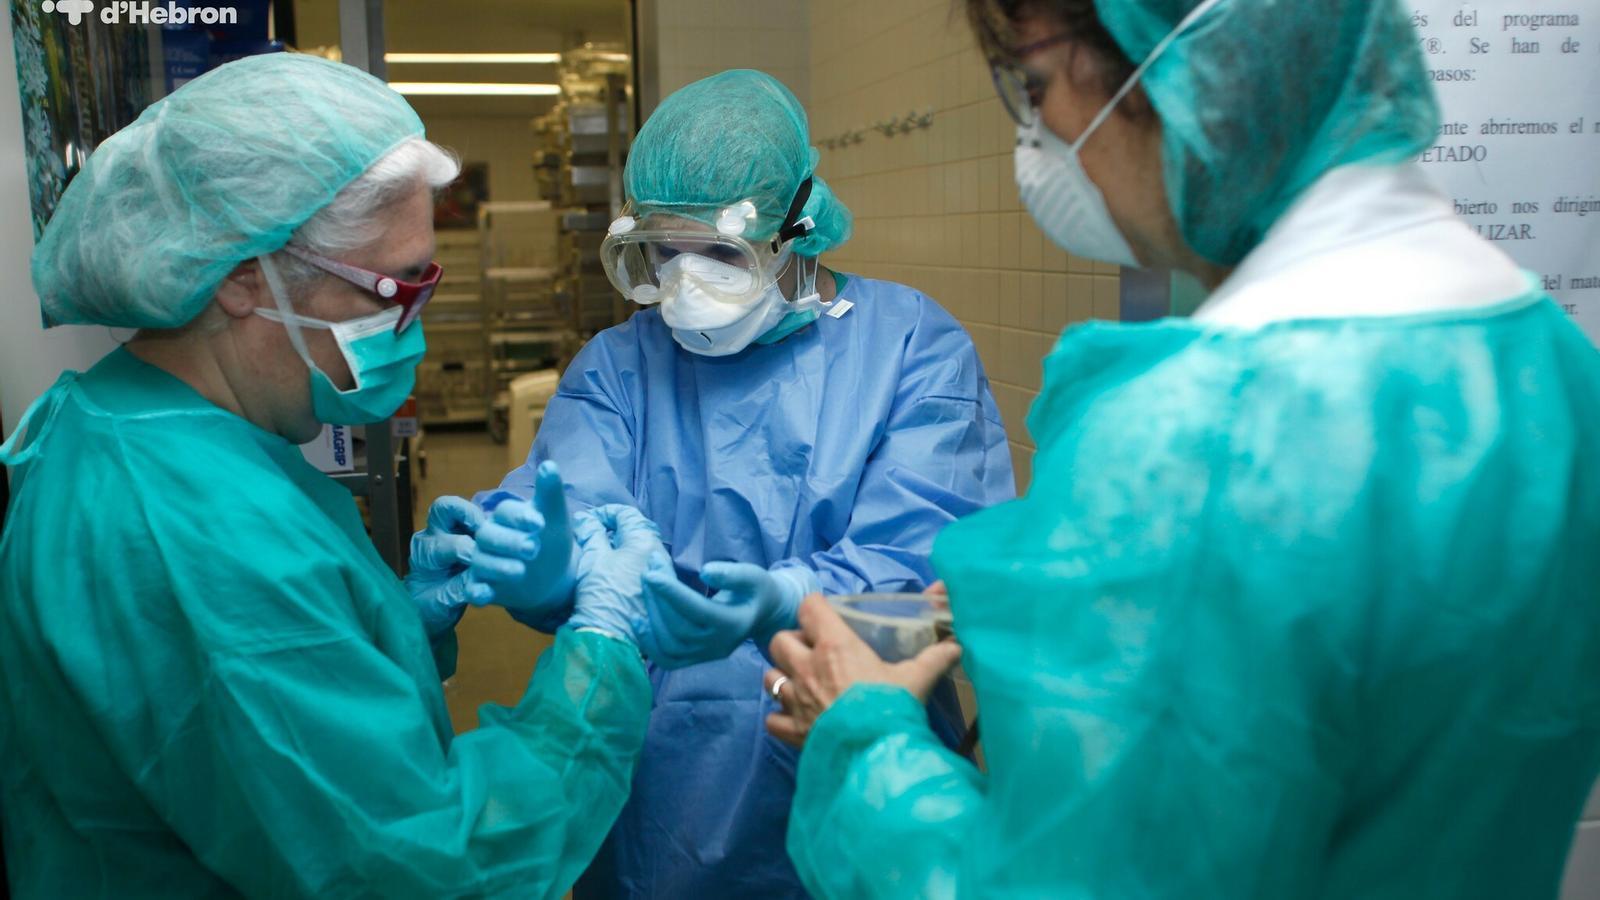 El TSJC requereix a l'Institut Català de la Salut que proporcioni equips de protecció al personal sanitari